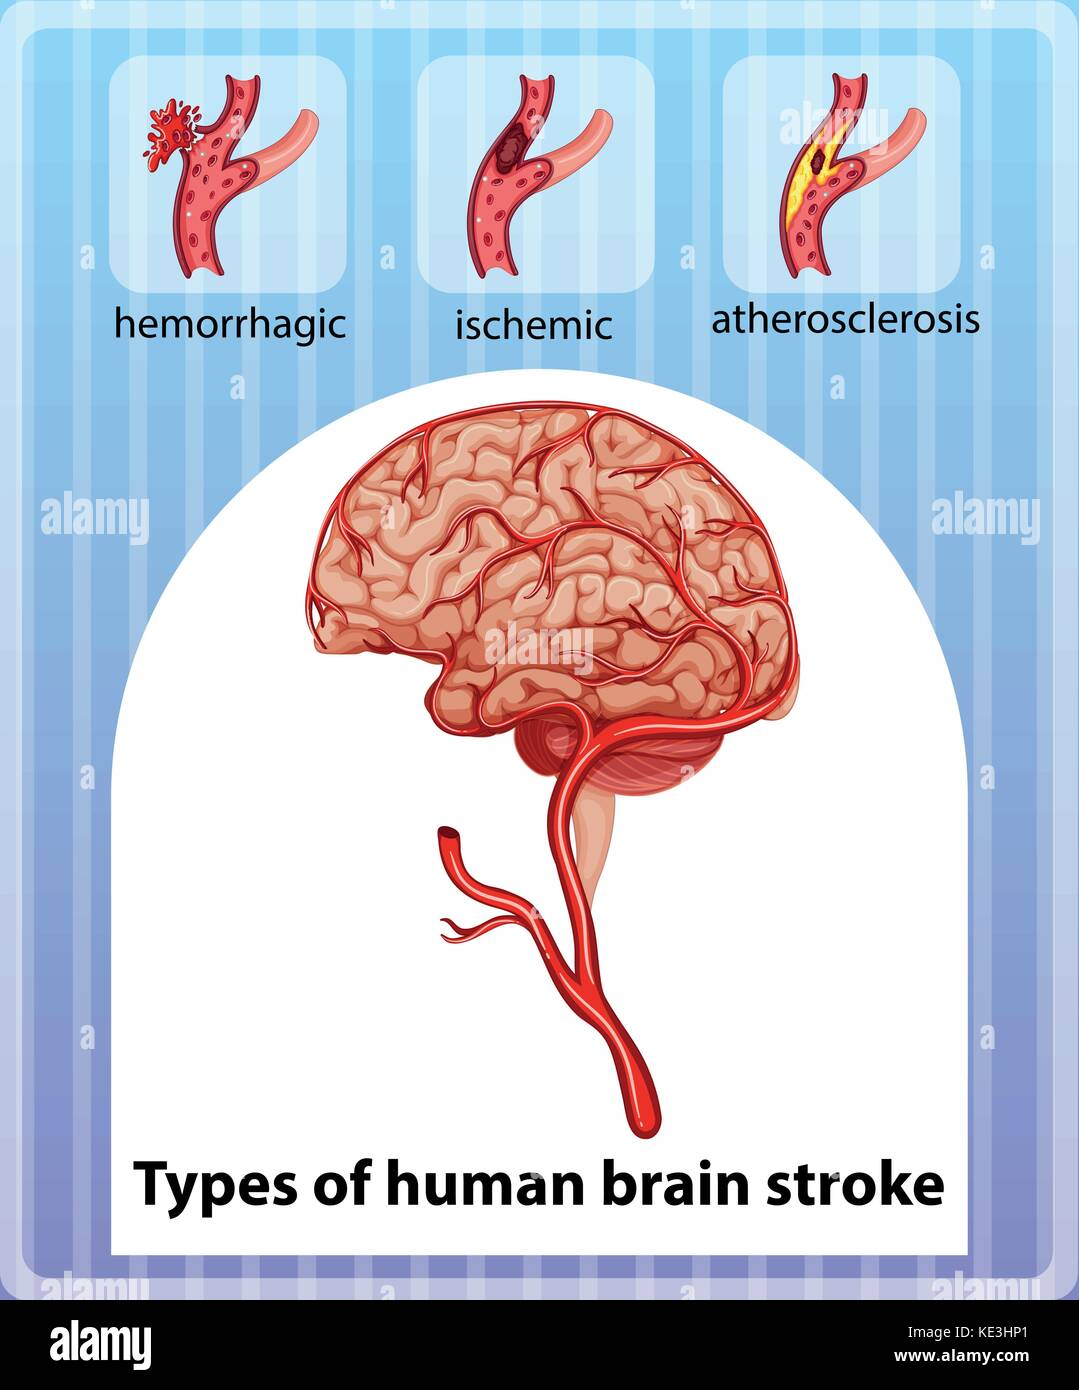 Arten des menschlichen Gehirns Schlaganfall Abbildung Vektor ...